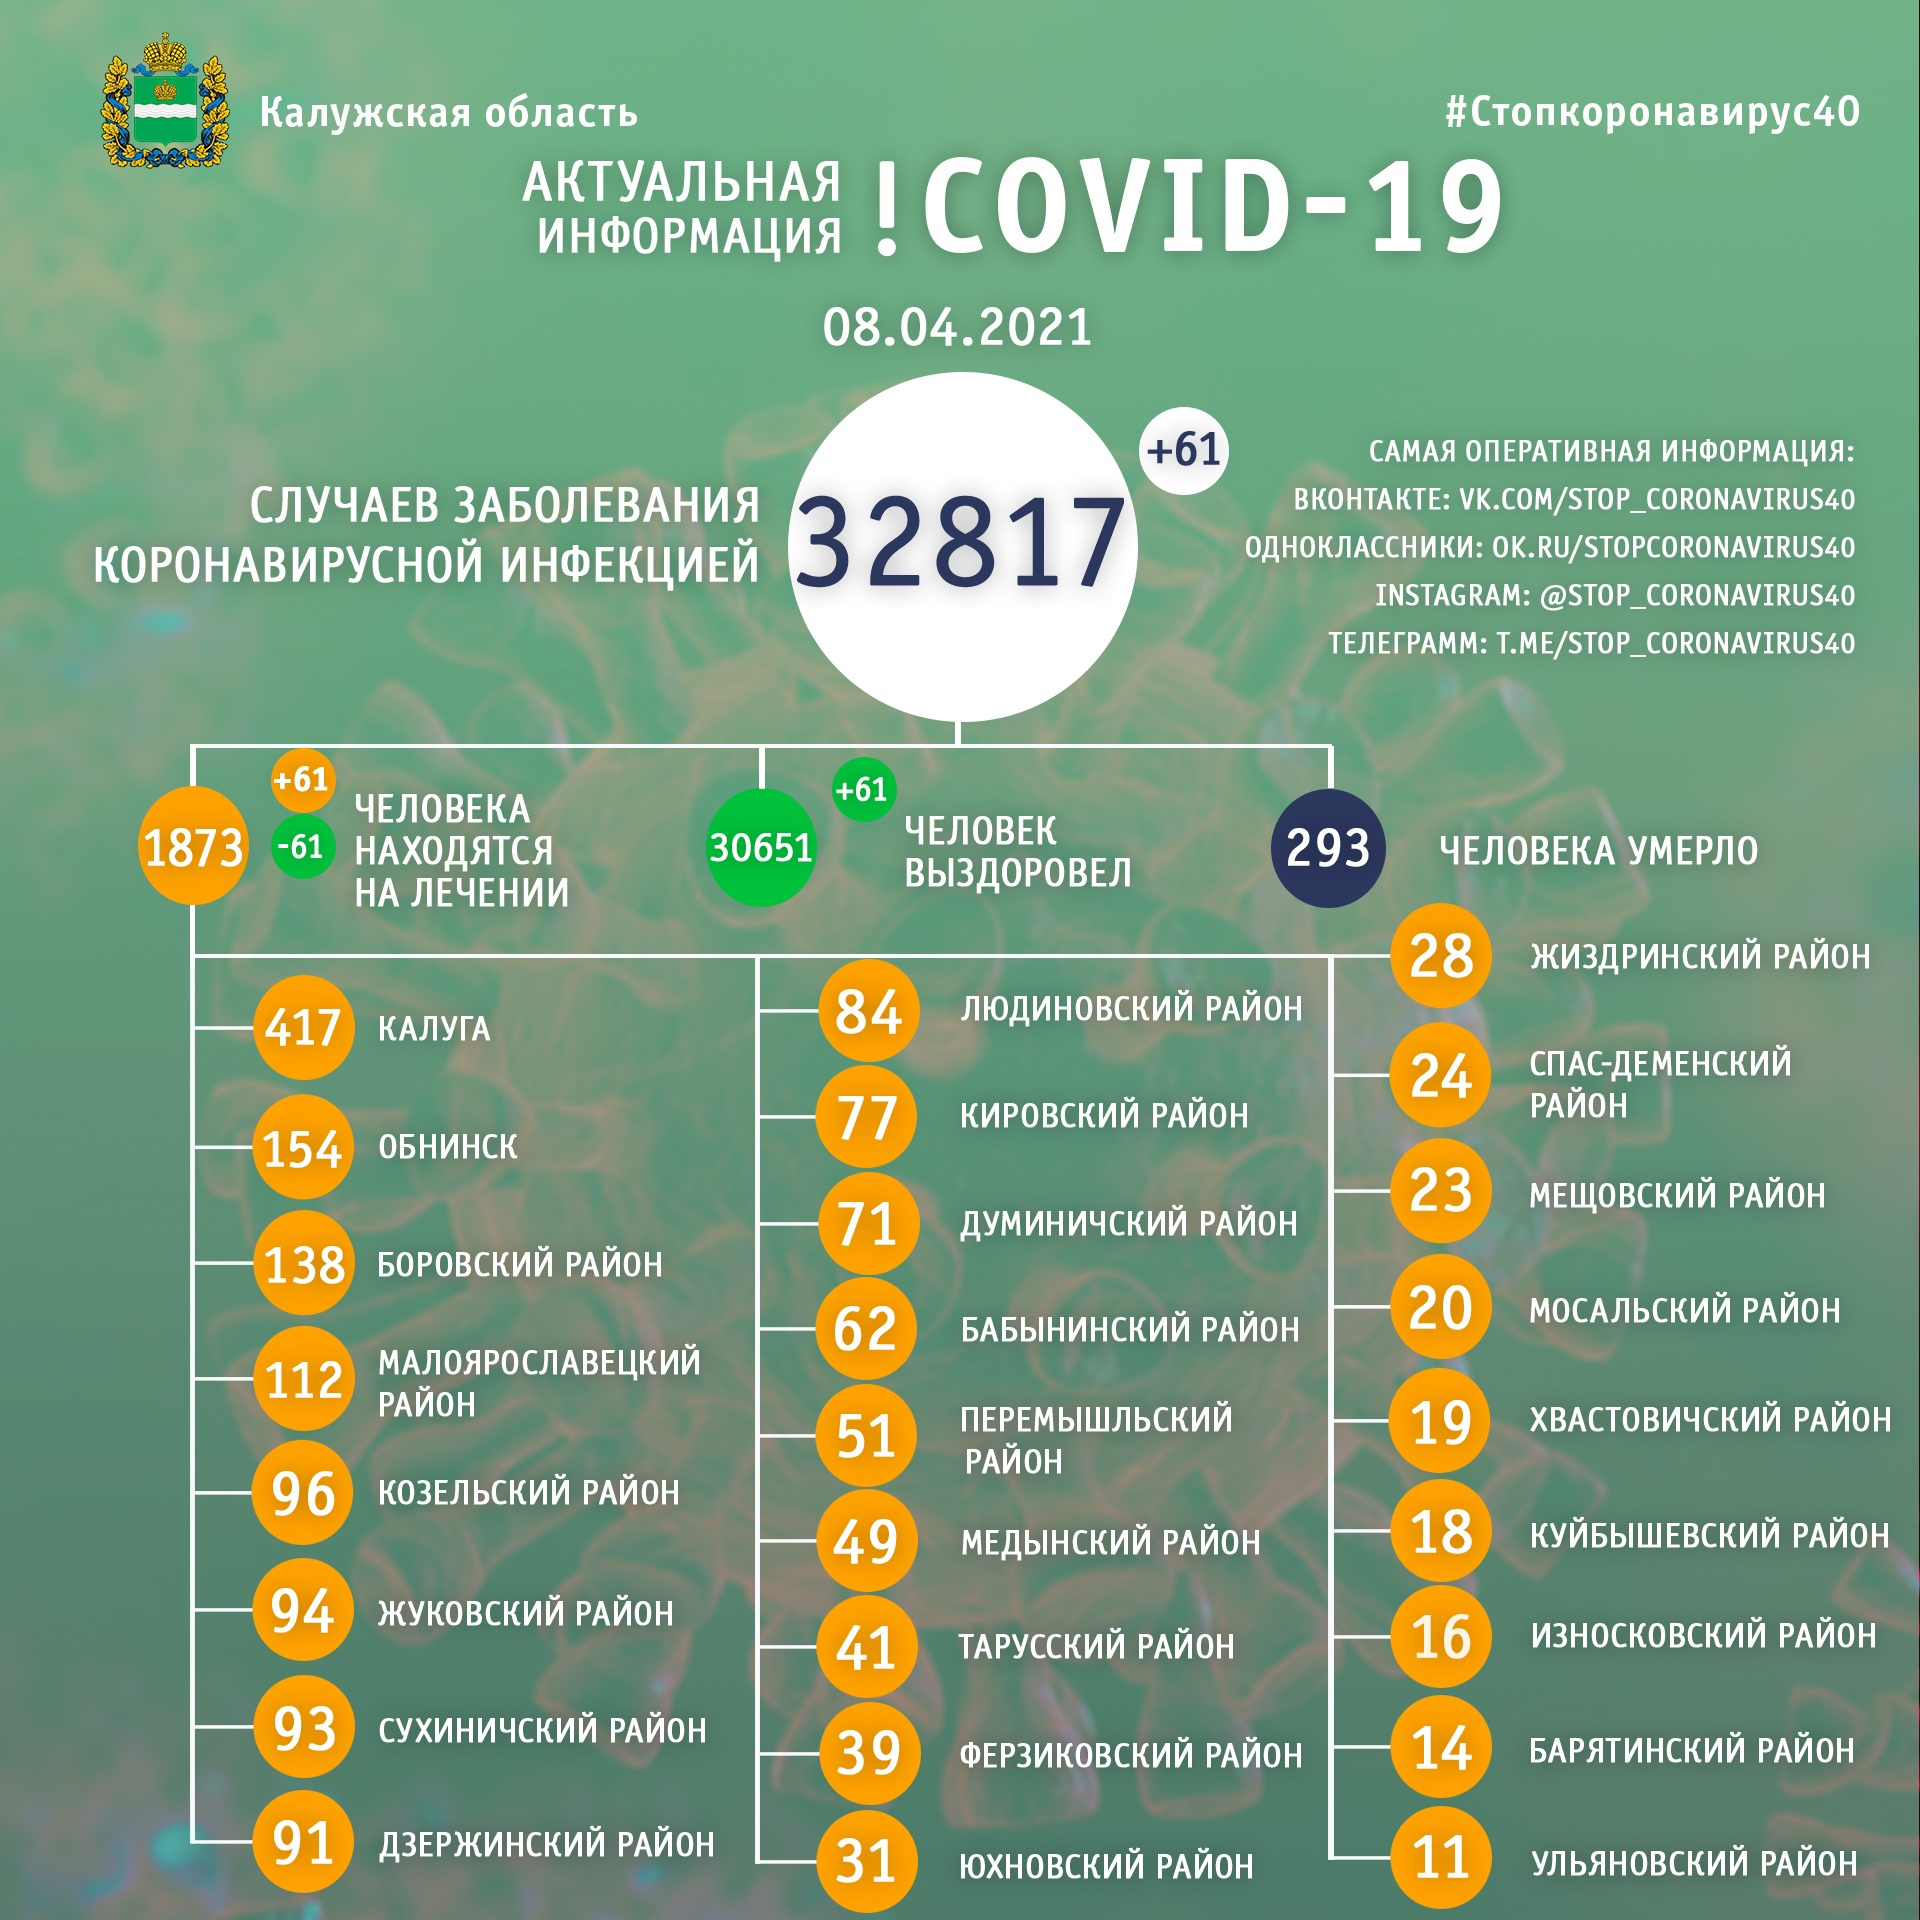 Официальная статистика по коронавирусу в Калужской области на 8 апреля 2021 года.